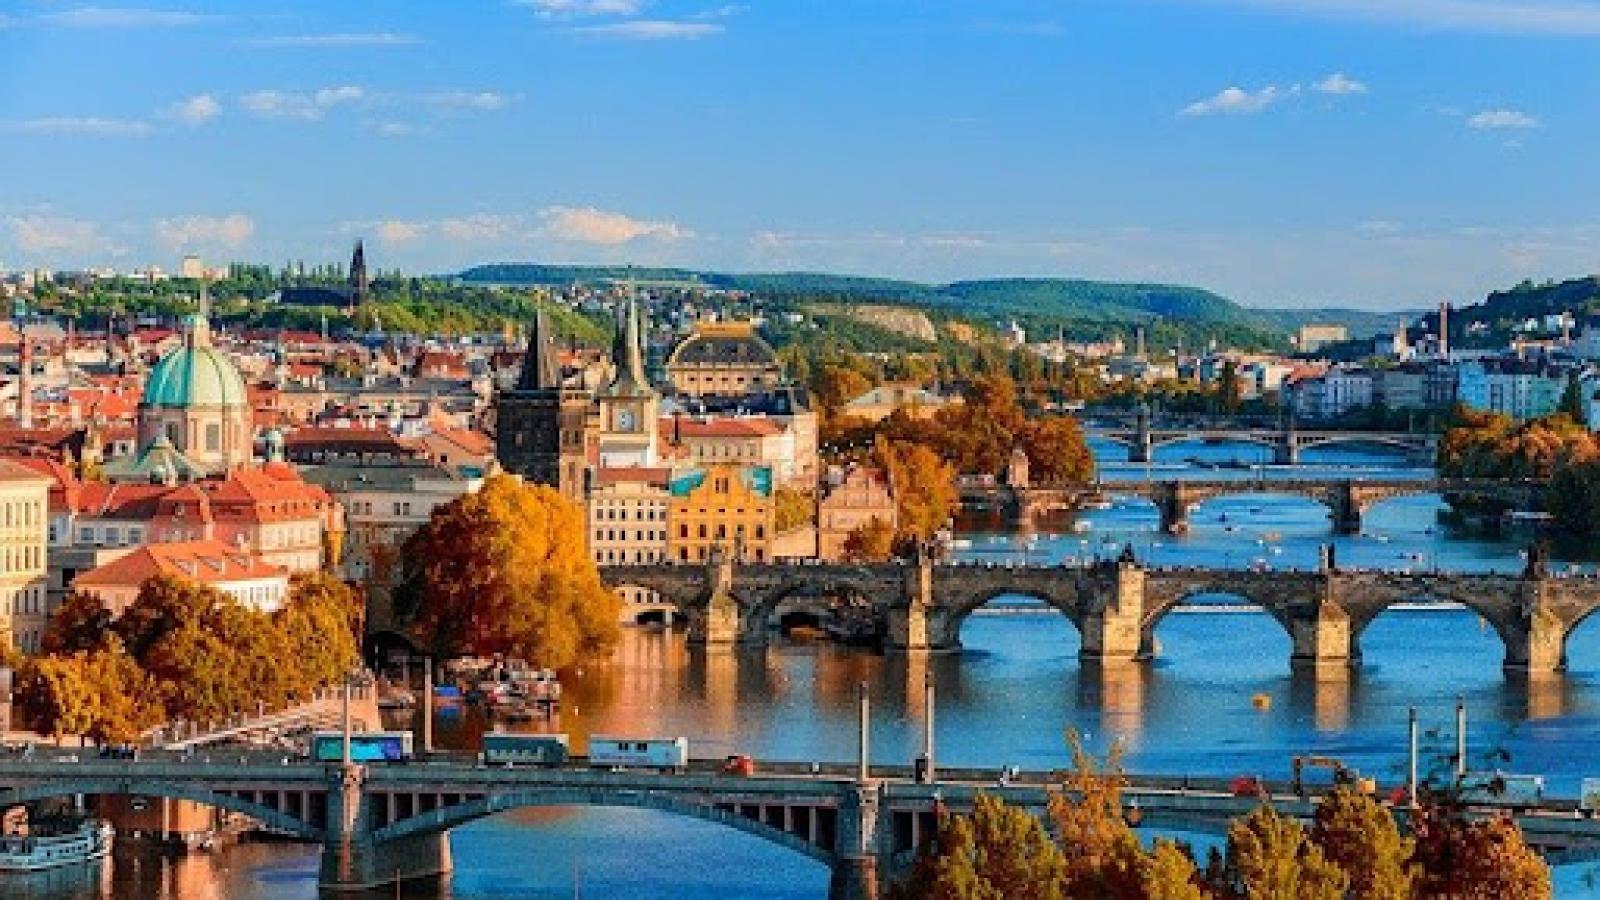 Tạp chí Time Out bình chọn Prahalà thành phố đẹp nhất thếgiới năm 2021